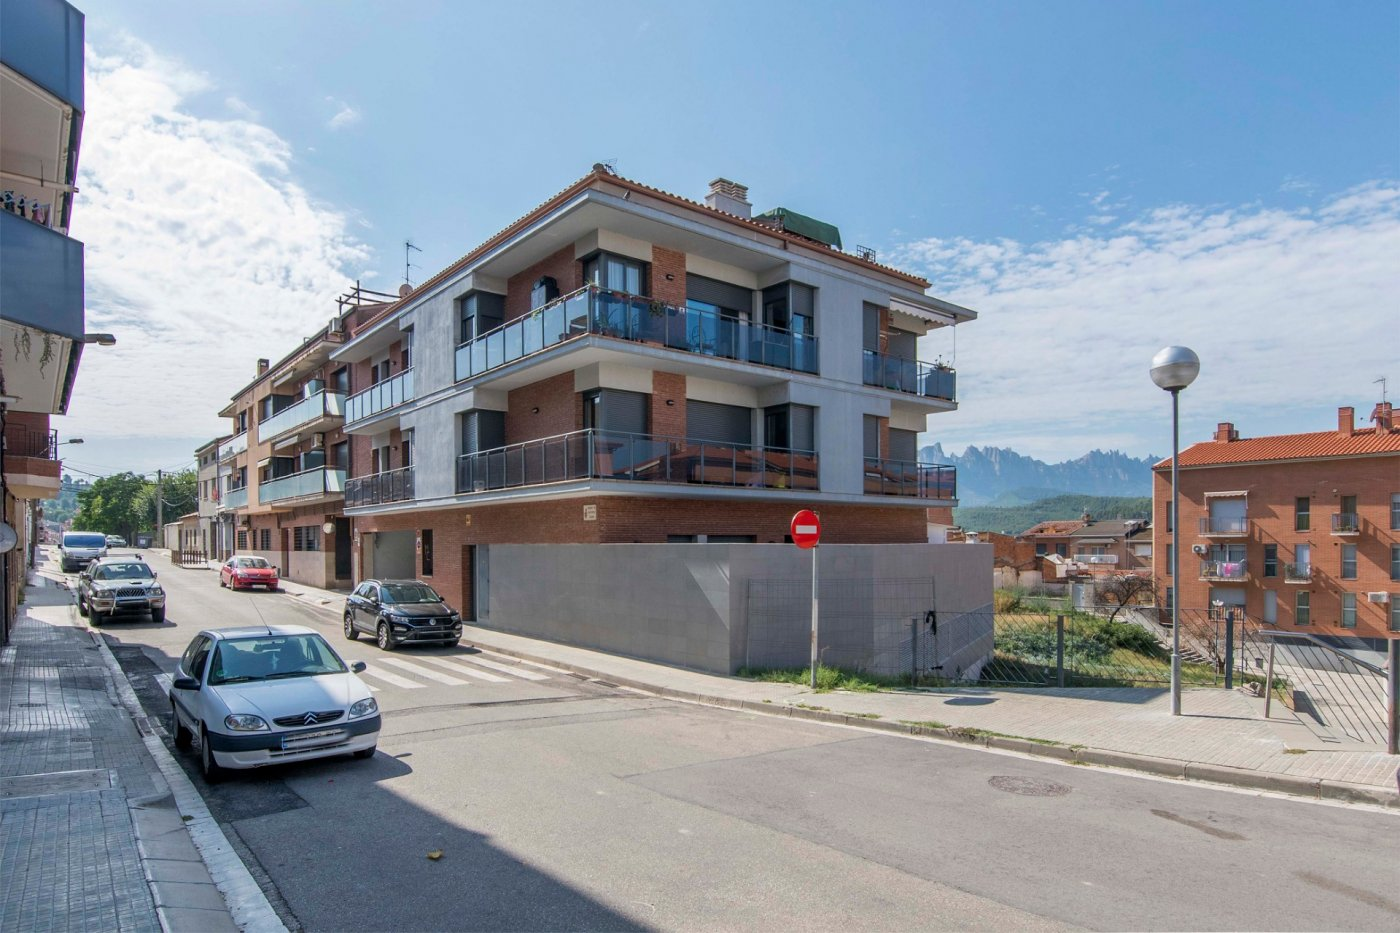 Vols la millor vista de Montserrat? Duplex a Sant Vicenç de Castellet